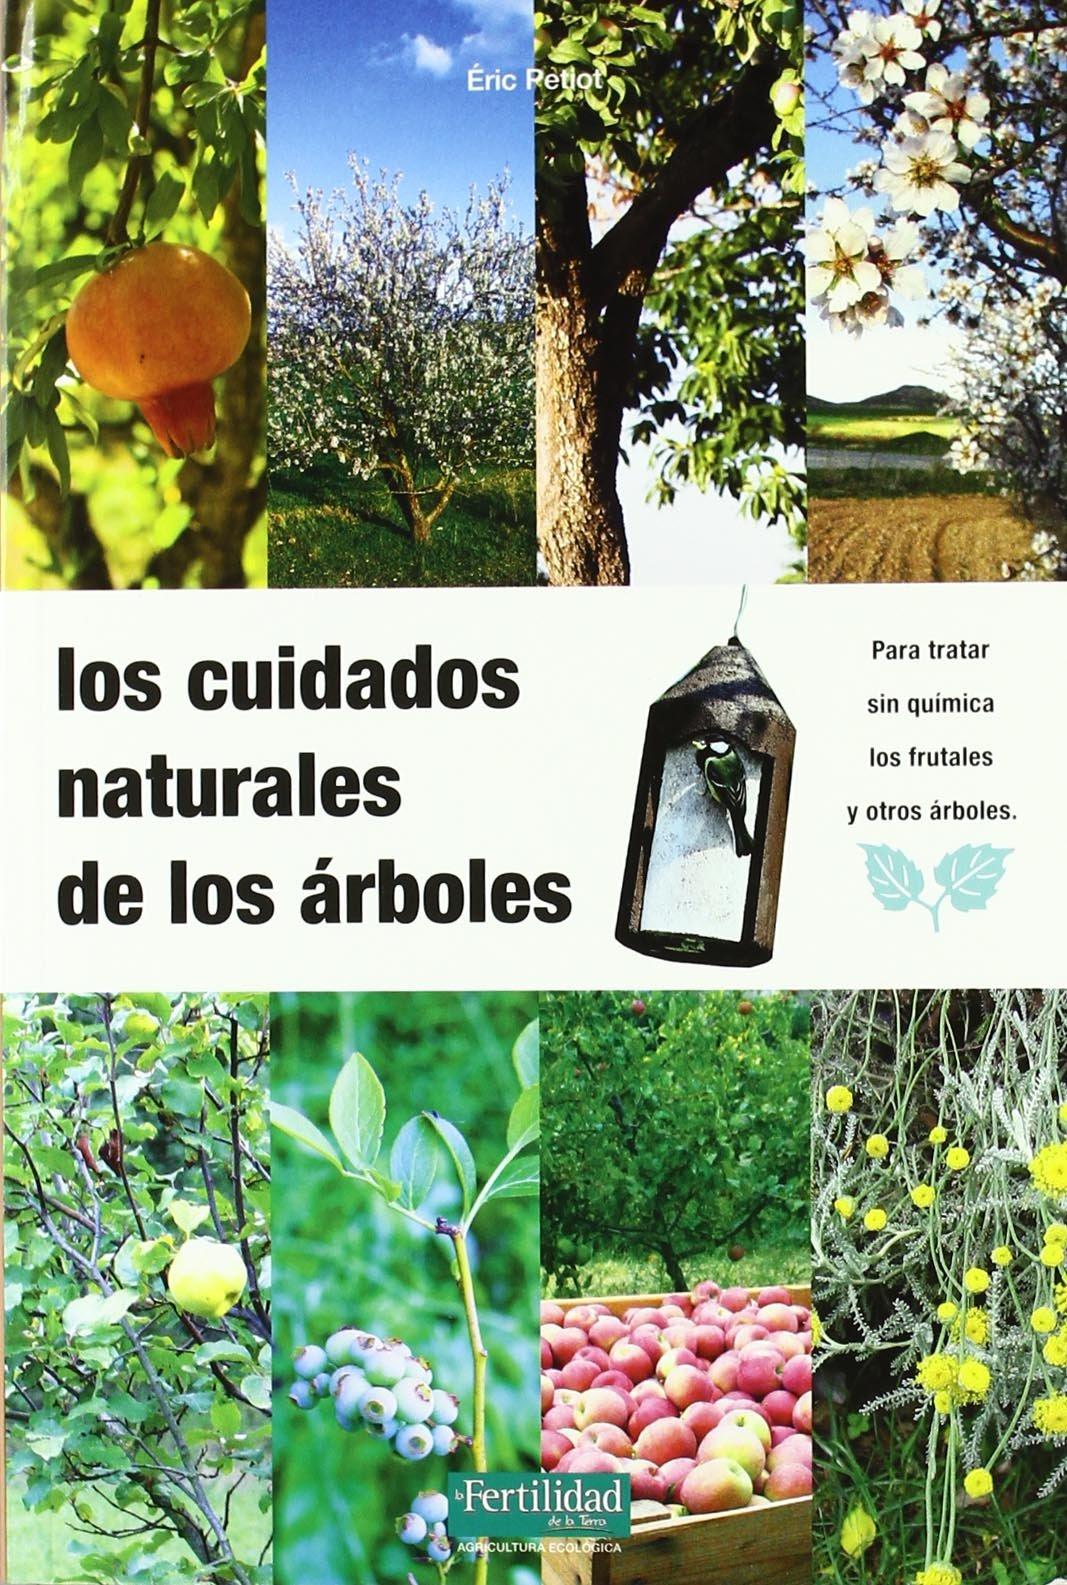 Los cuidados naturales de los árboles: 10 Guías para la Fertilidad de la Tierra: Amazon.es: Petiot, Eric, Barasoain, Rosa, López López, Fernando, Ayet Cubero, Pascual: Libros